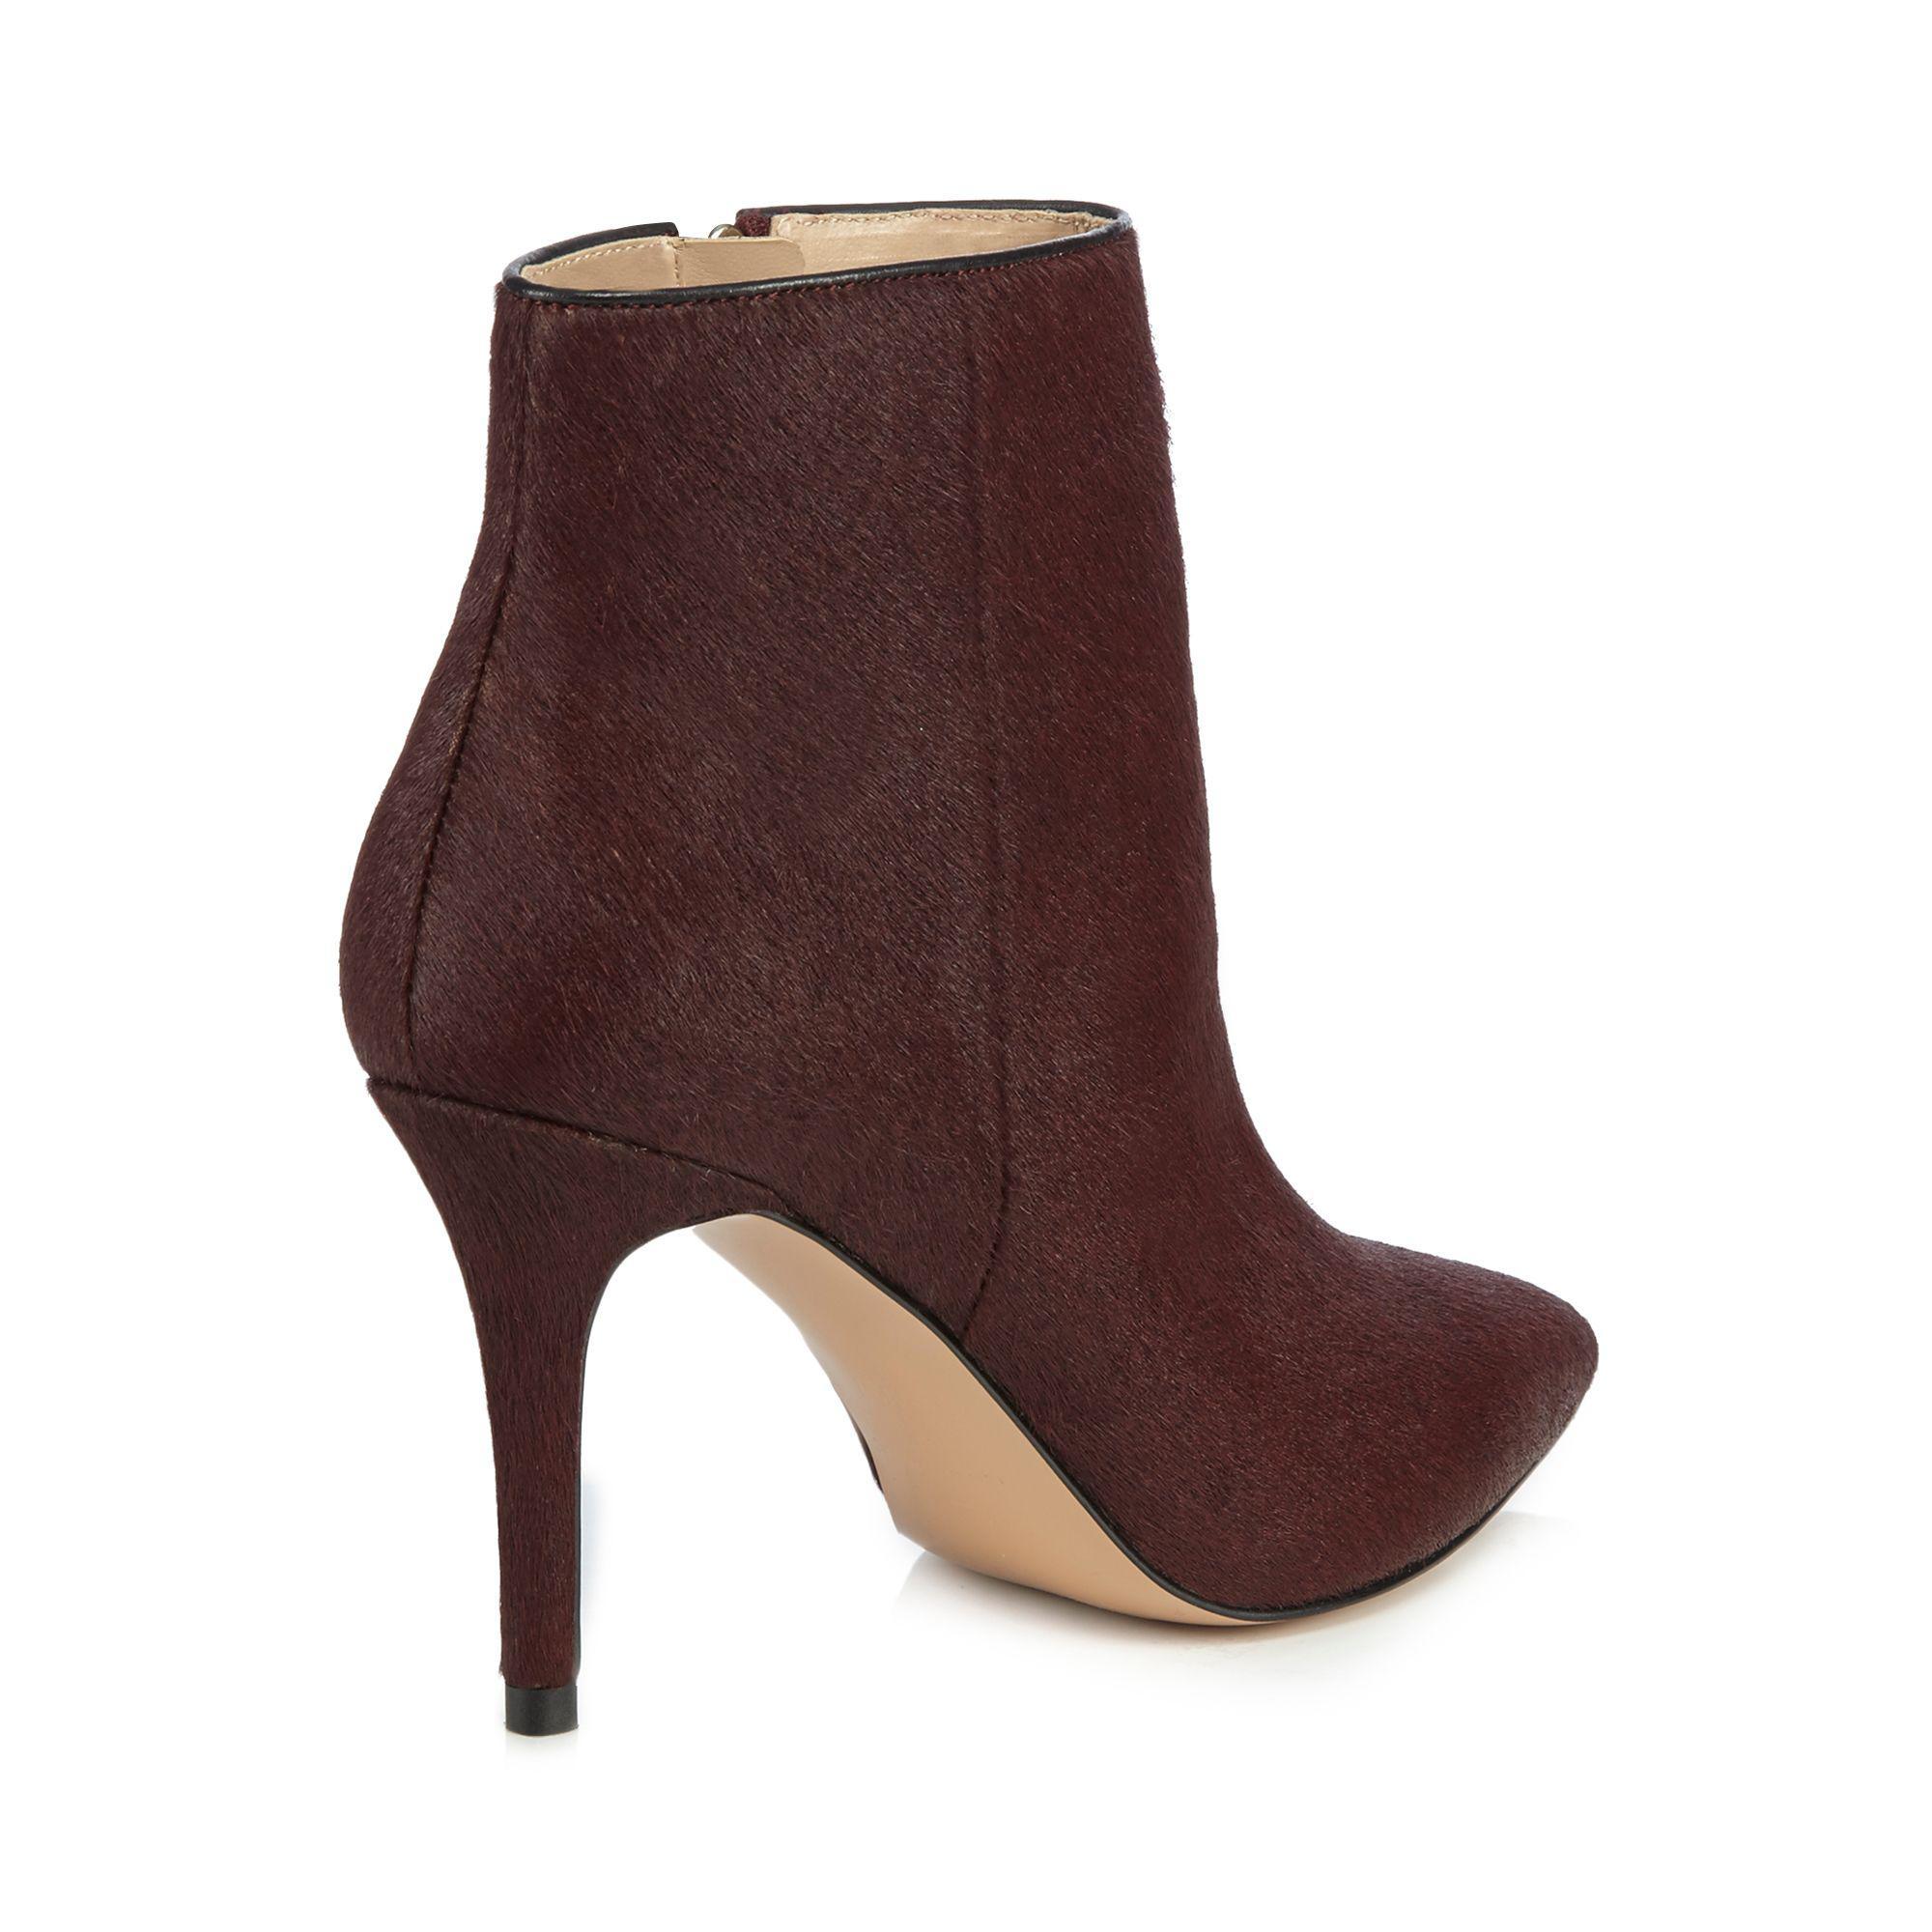 5f2a4e49cea J By Jasper Conran Dark Red Leather  jordyn  High Stiletto Heel ...